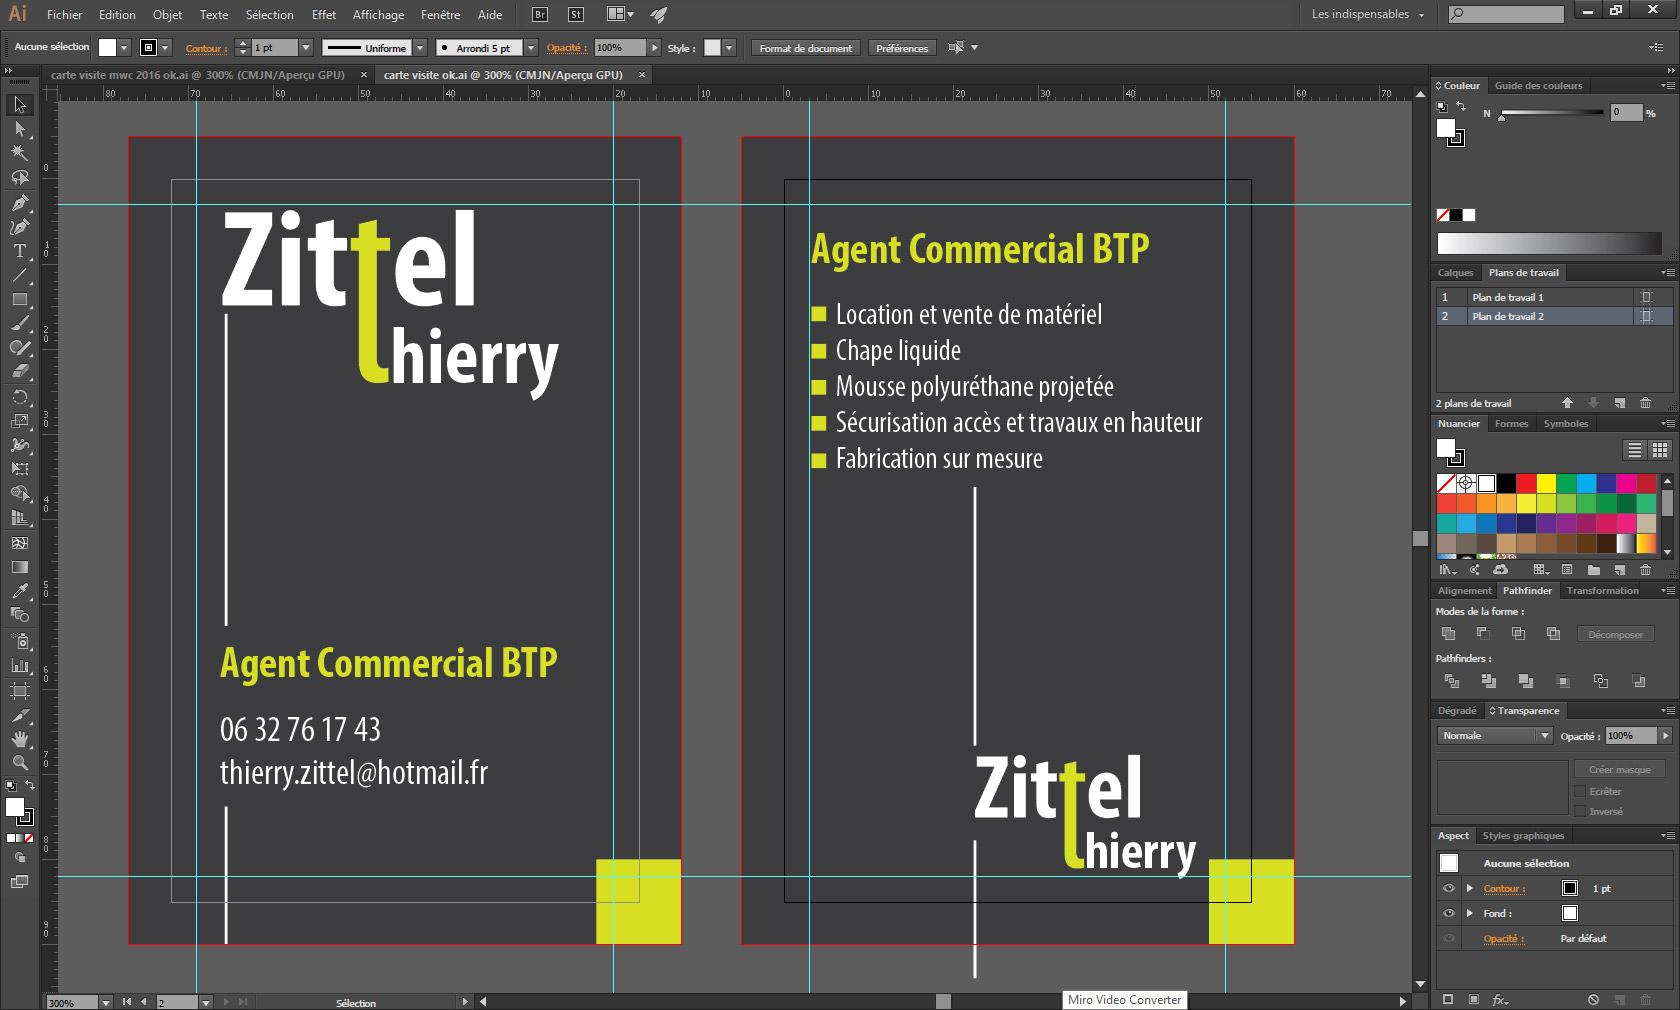 Formation Illustrator : Comment se former au logiciel Illustrator à tout âge et facilement ? Je vous explique